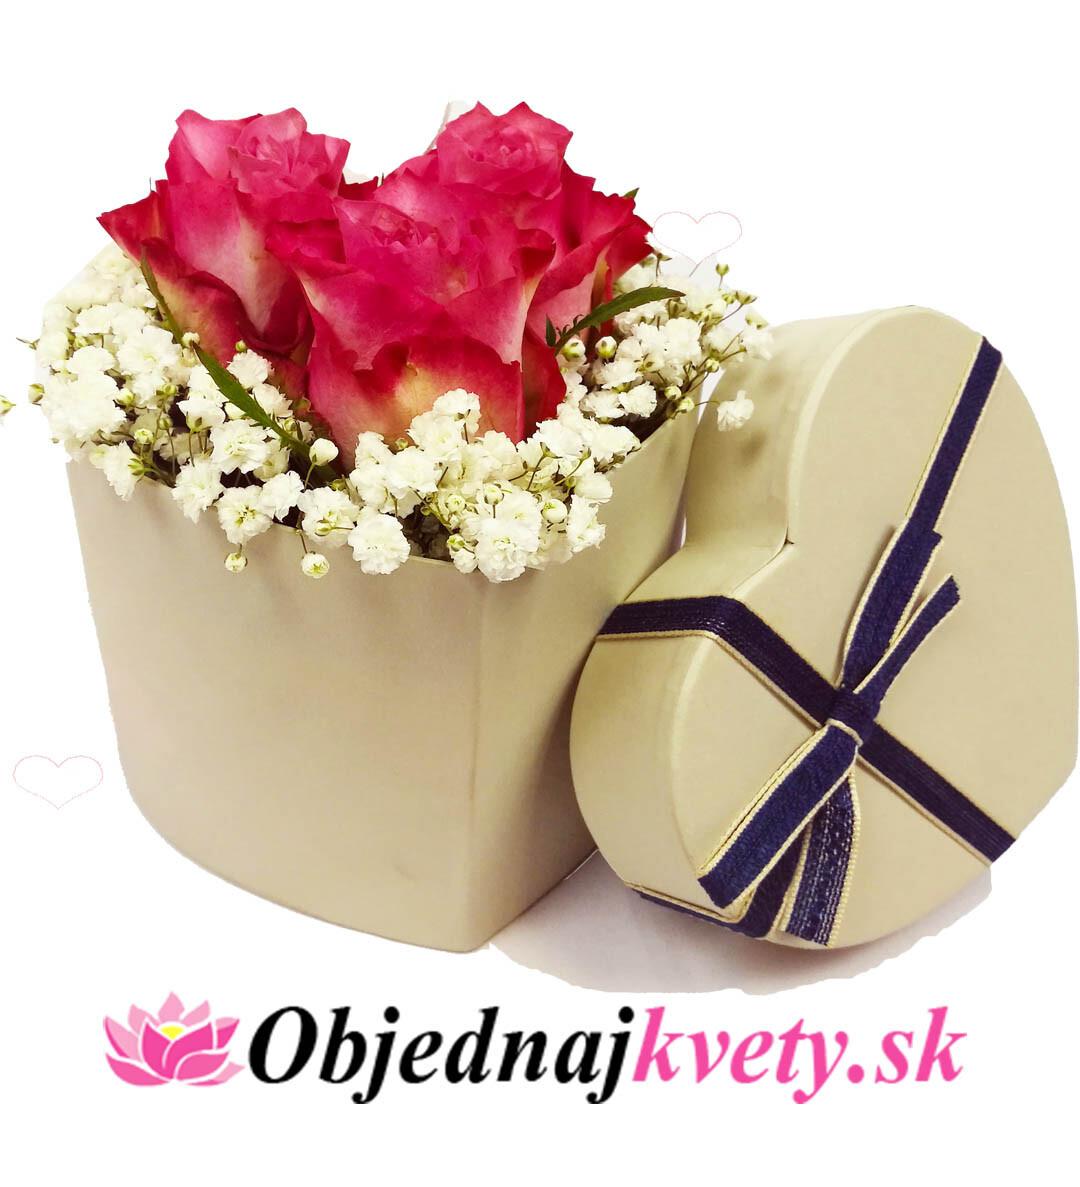 b45d84662 Box (srdce) | Objednaj kvety